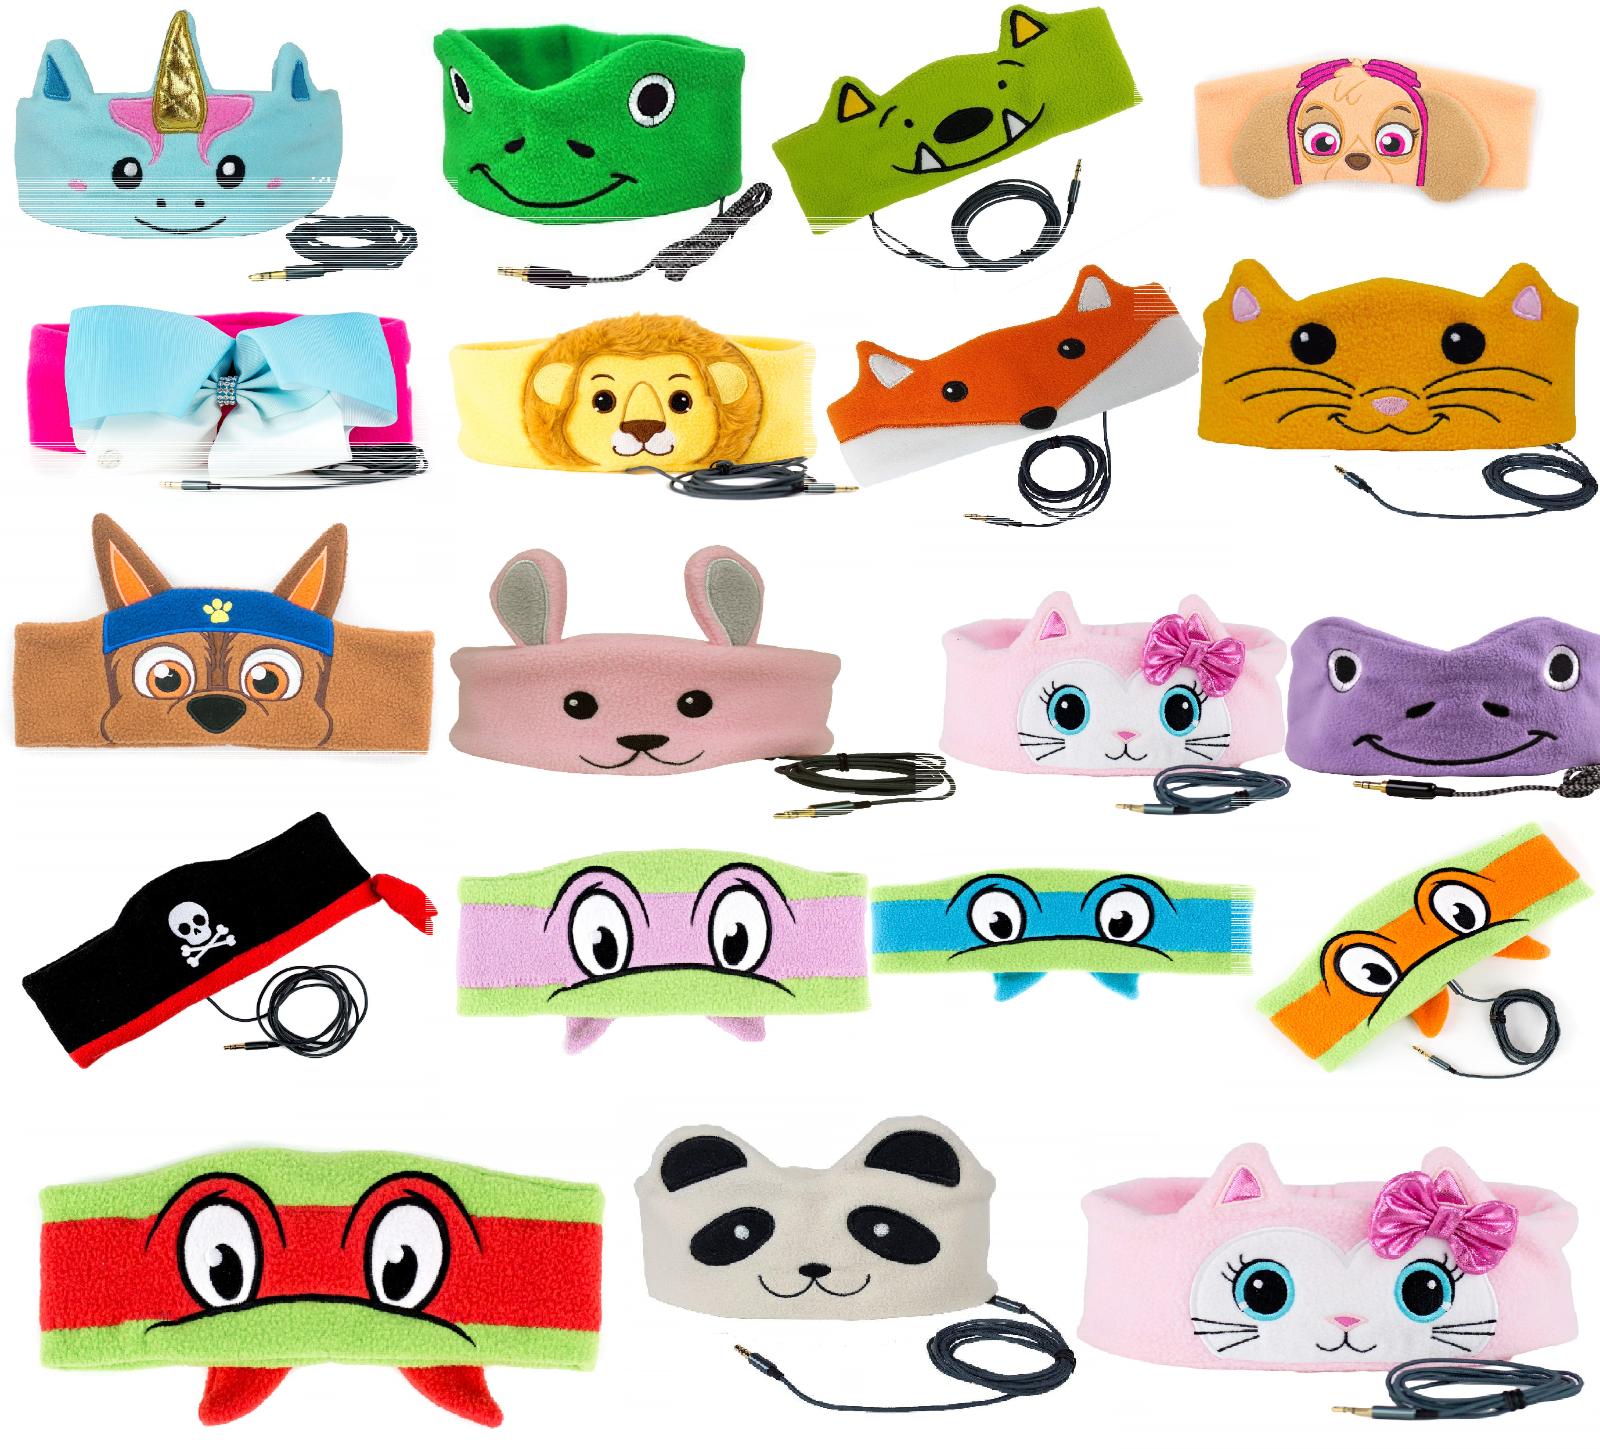 Paw Patrol Kids Headphones by CozyPhones - Volume Limited wi